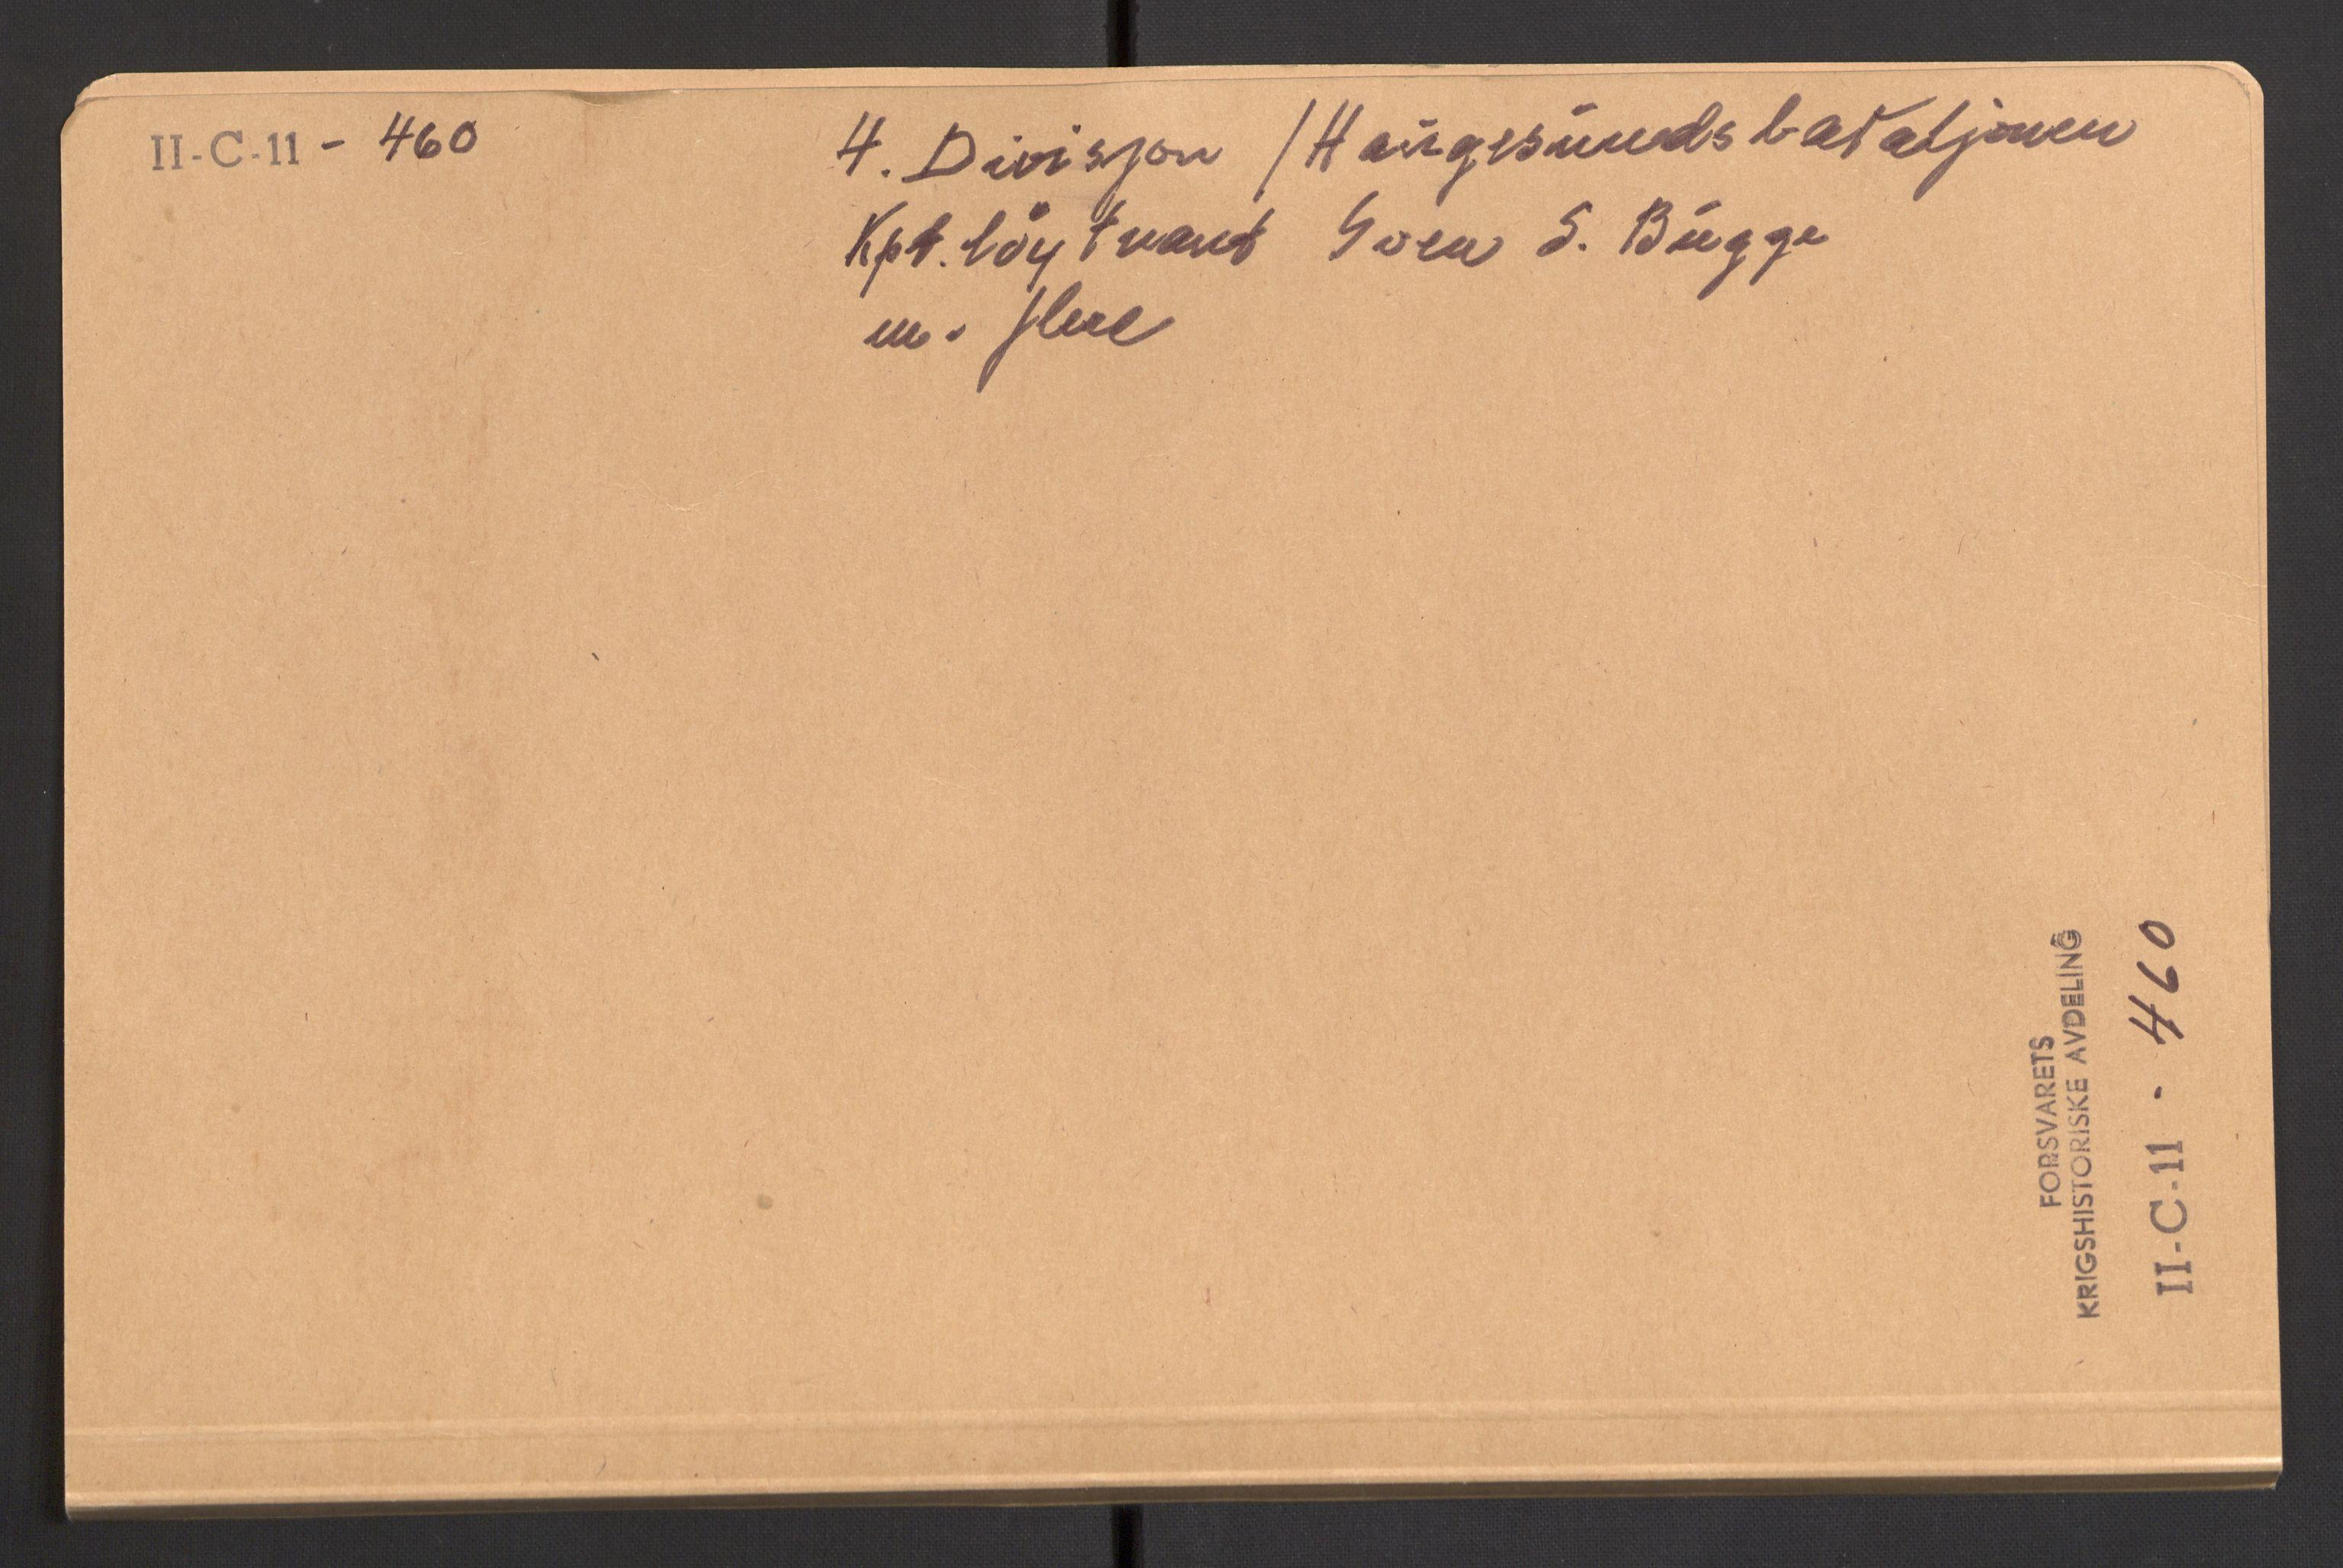 RA, Forsvaret, Forsvarets krigshistoriske avdeling, Y/Yb/L0107: II-C-11-460-464  -  4. Divisjon., 1940, s. 1